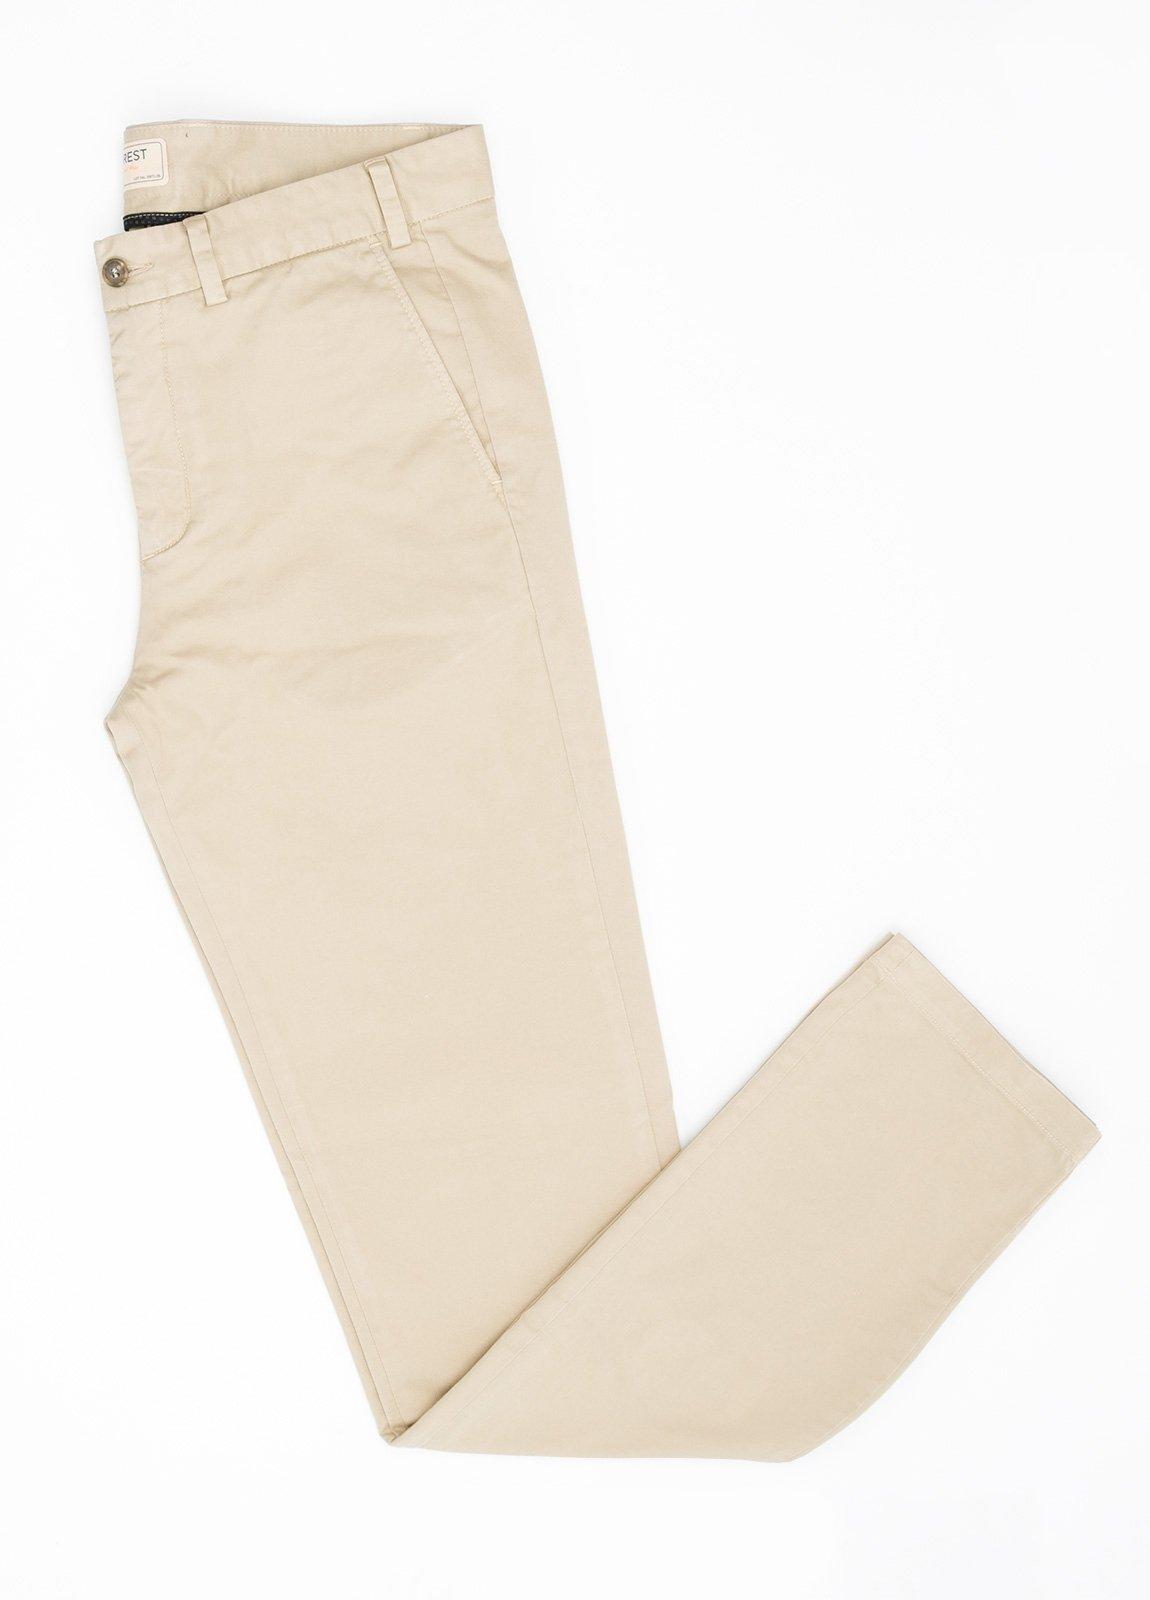 Pantalón Casual Wear, SLIM FIT micro textura color beige, 98% Algodón 2% Elastano.